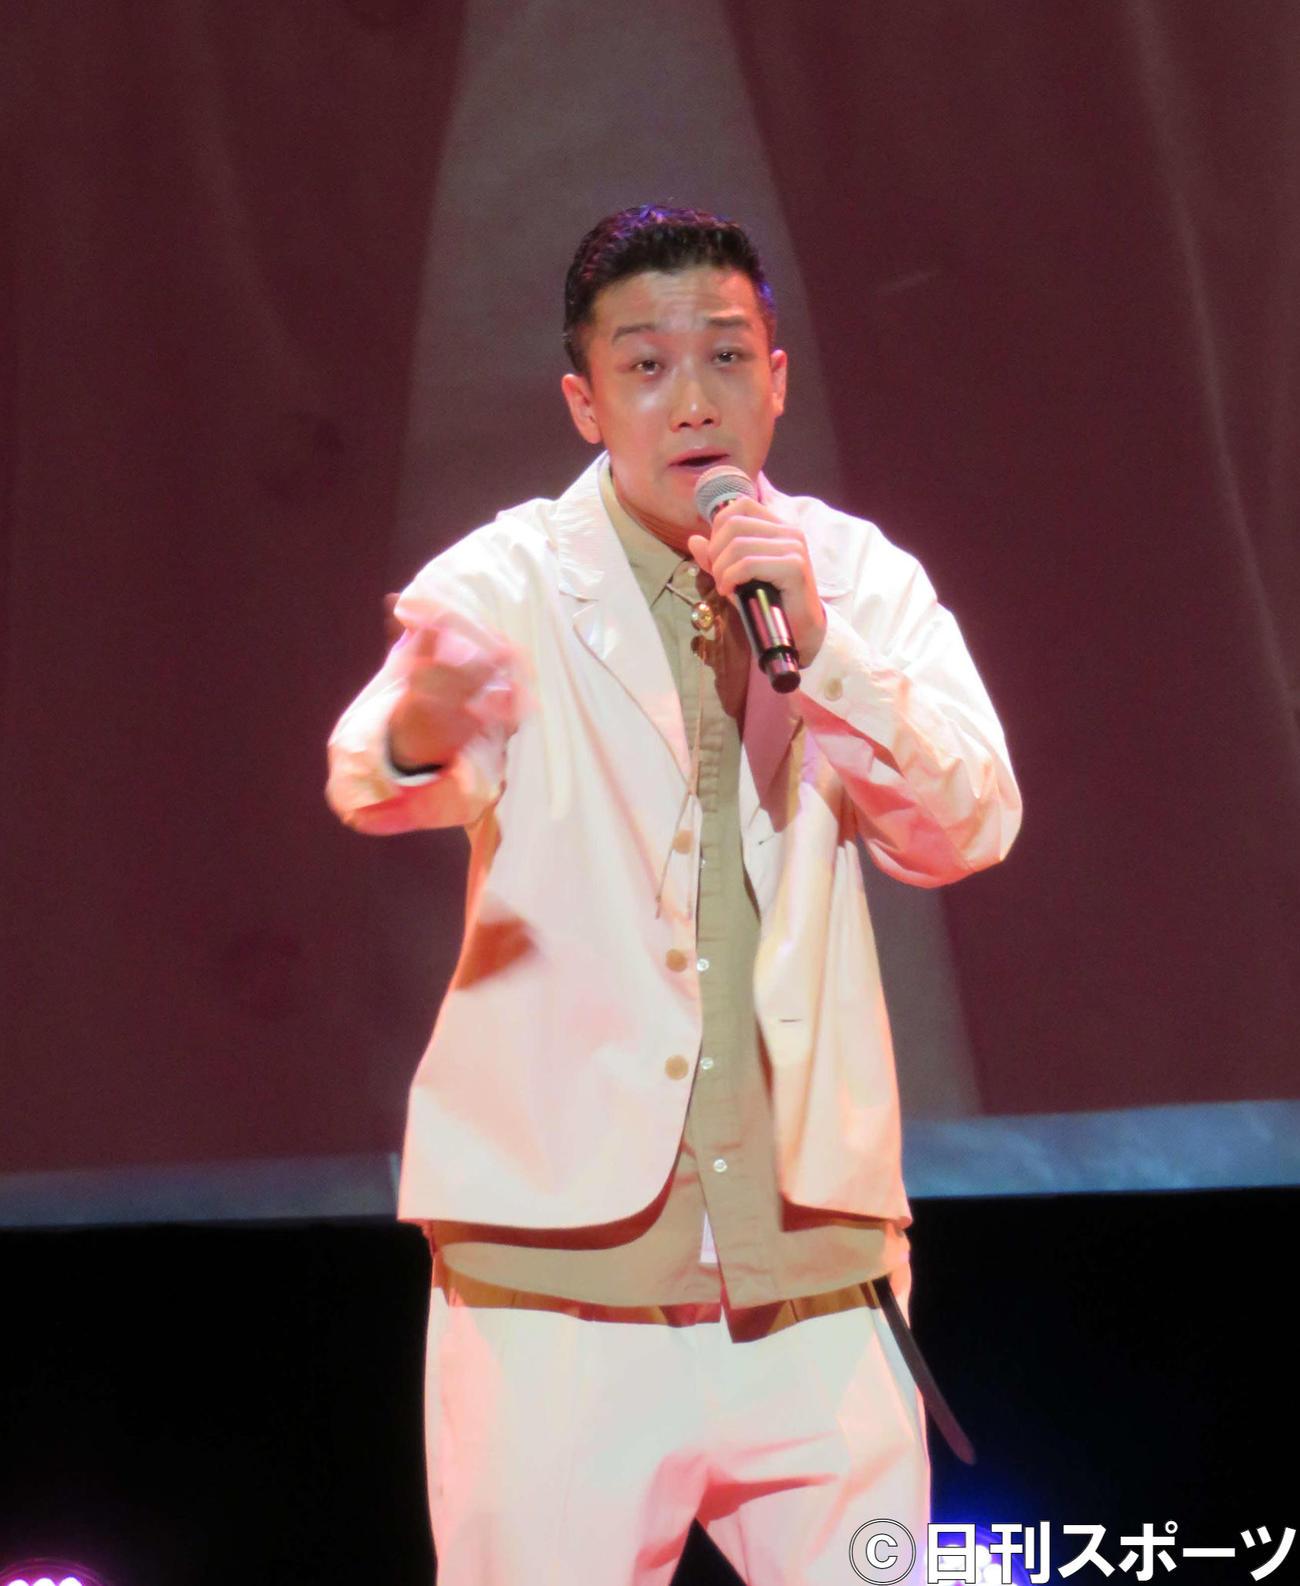 映画「トムとジェリー」プレミアムイベントに出席し、日本語吹替版主題歌「ピースオブケーク」を初生歌唱した瑛人(撮影・三須佳夏)